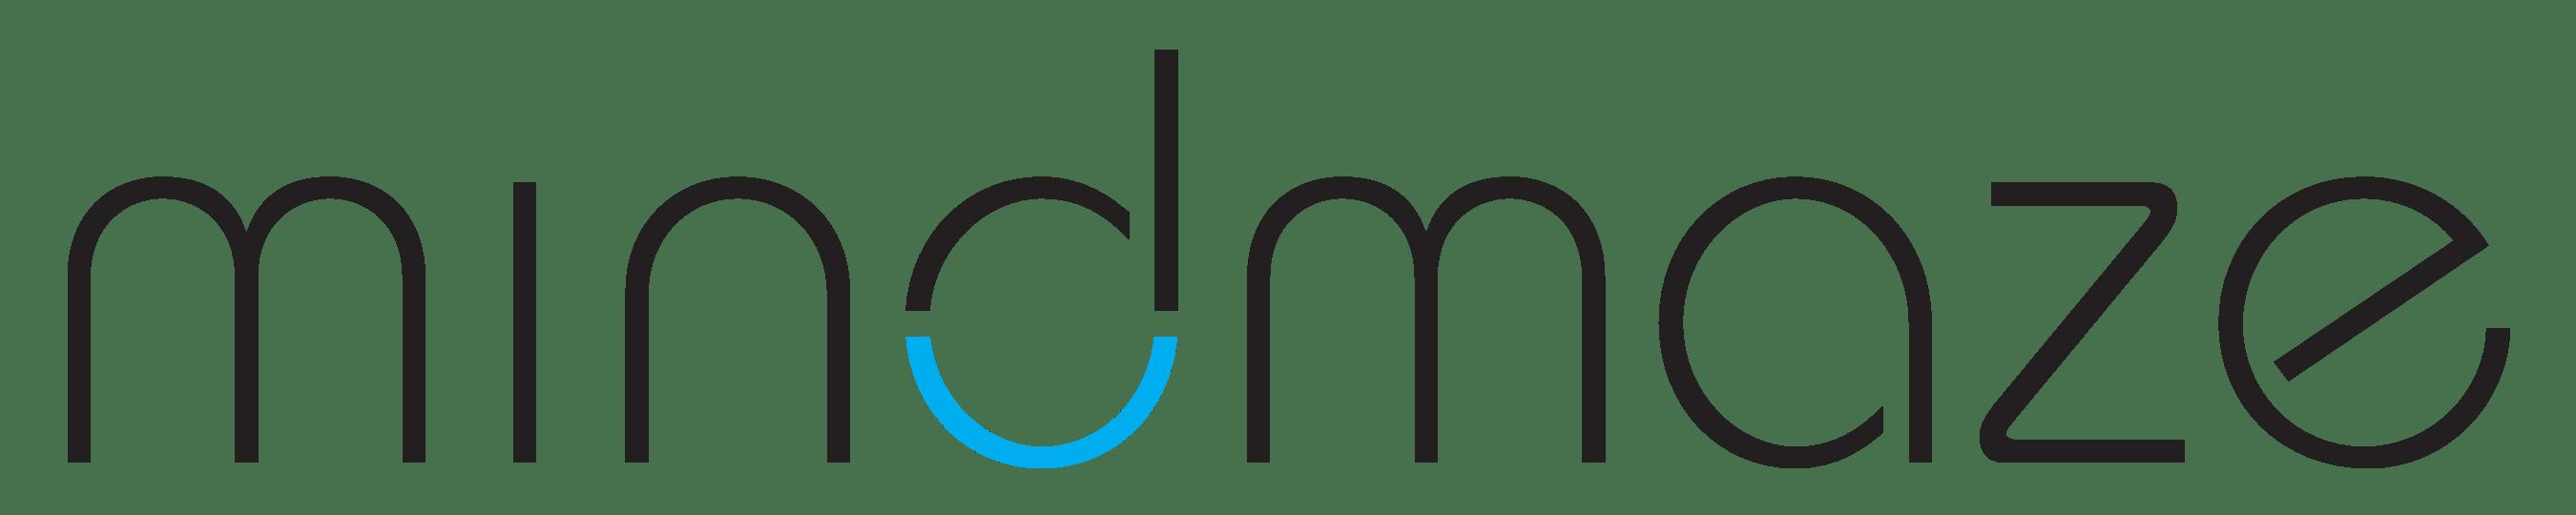 MindMaze company logo